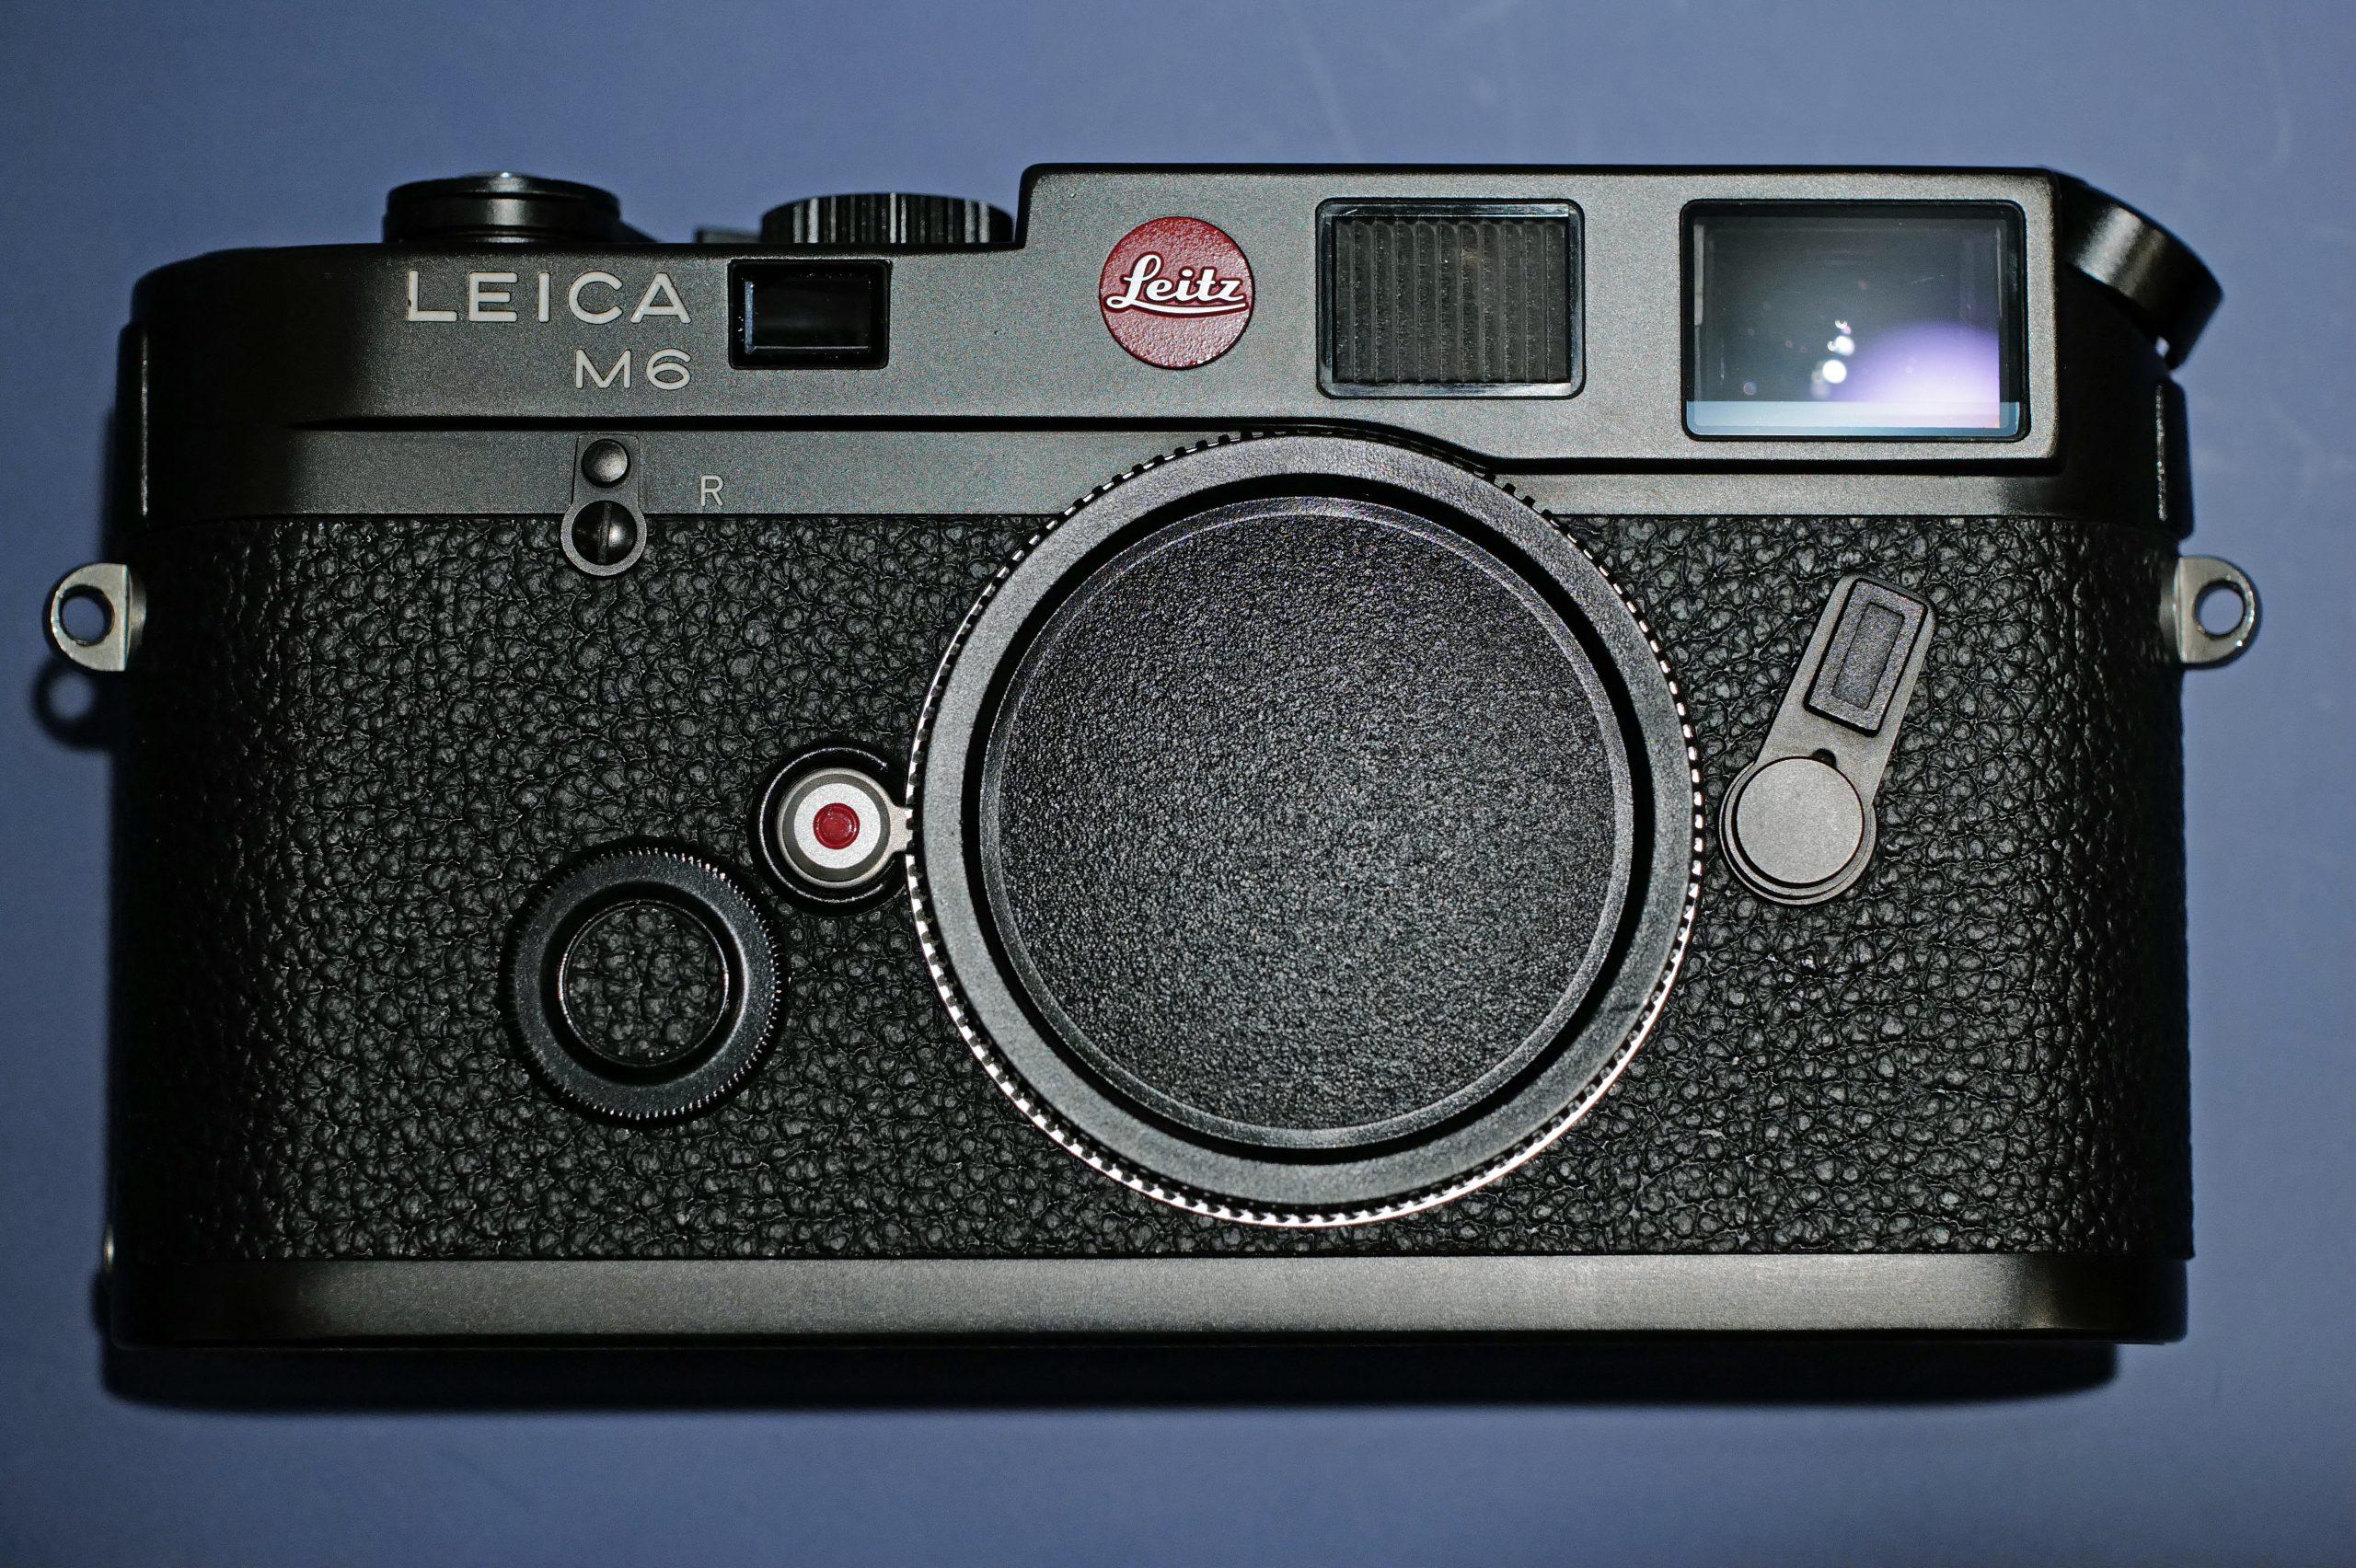 【Leica】M6の魅力に迫る